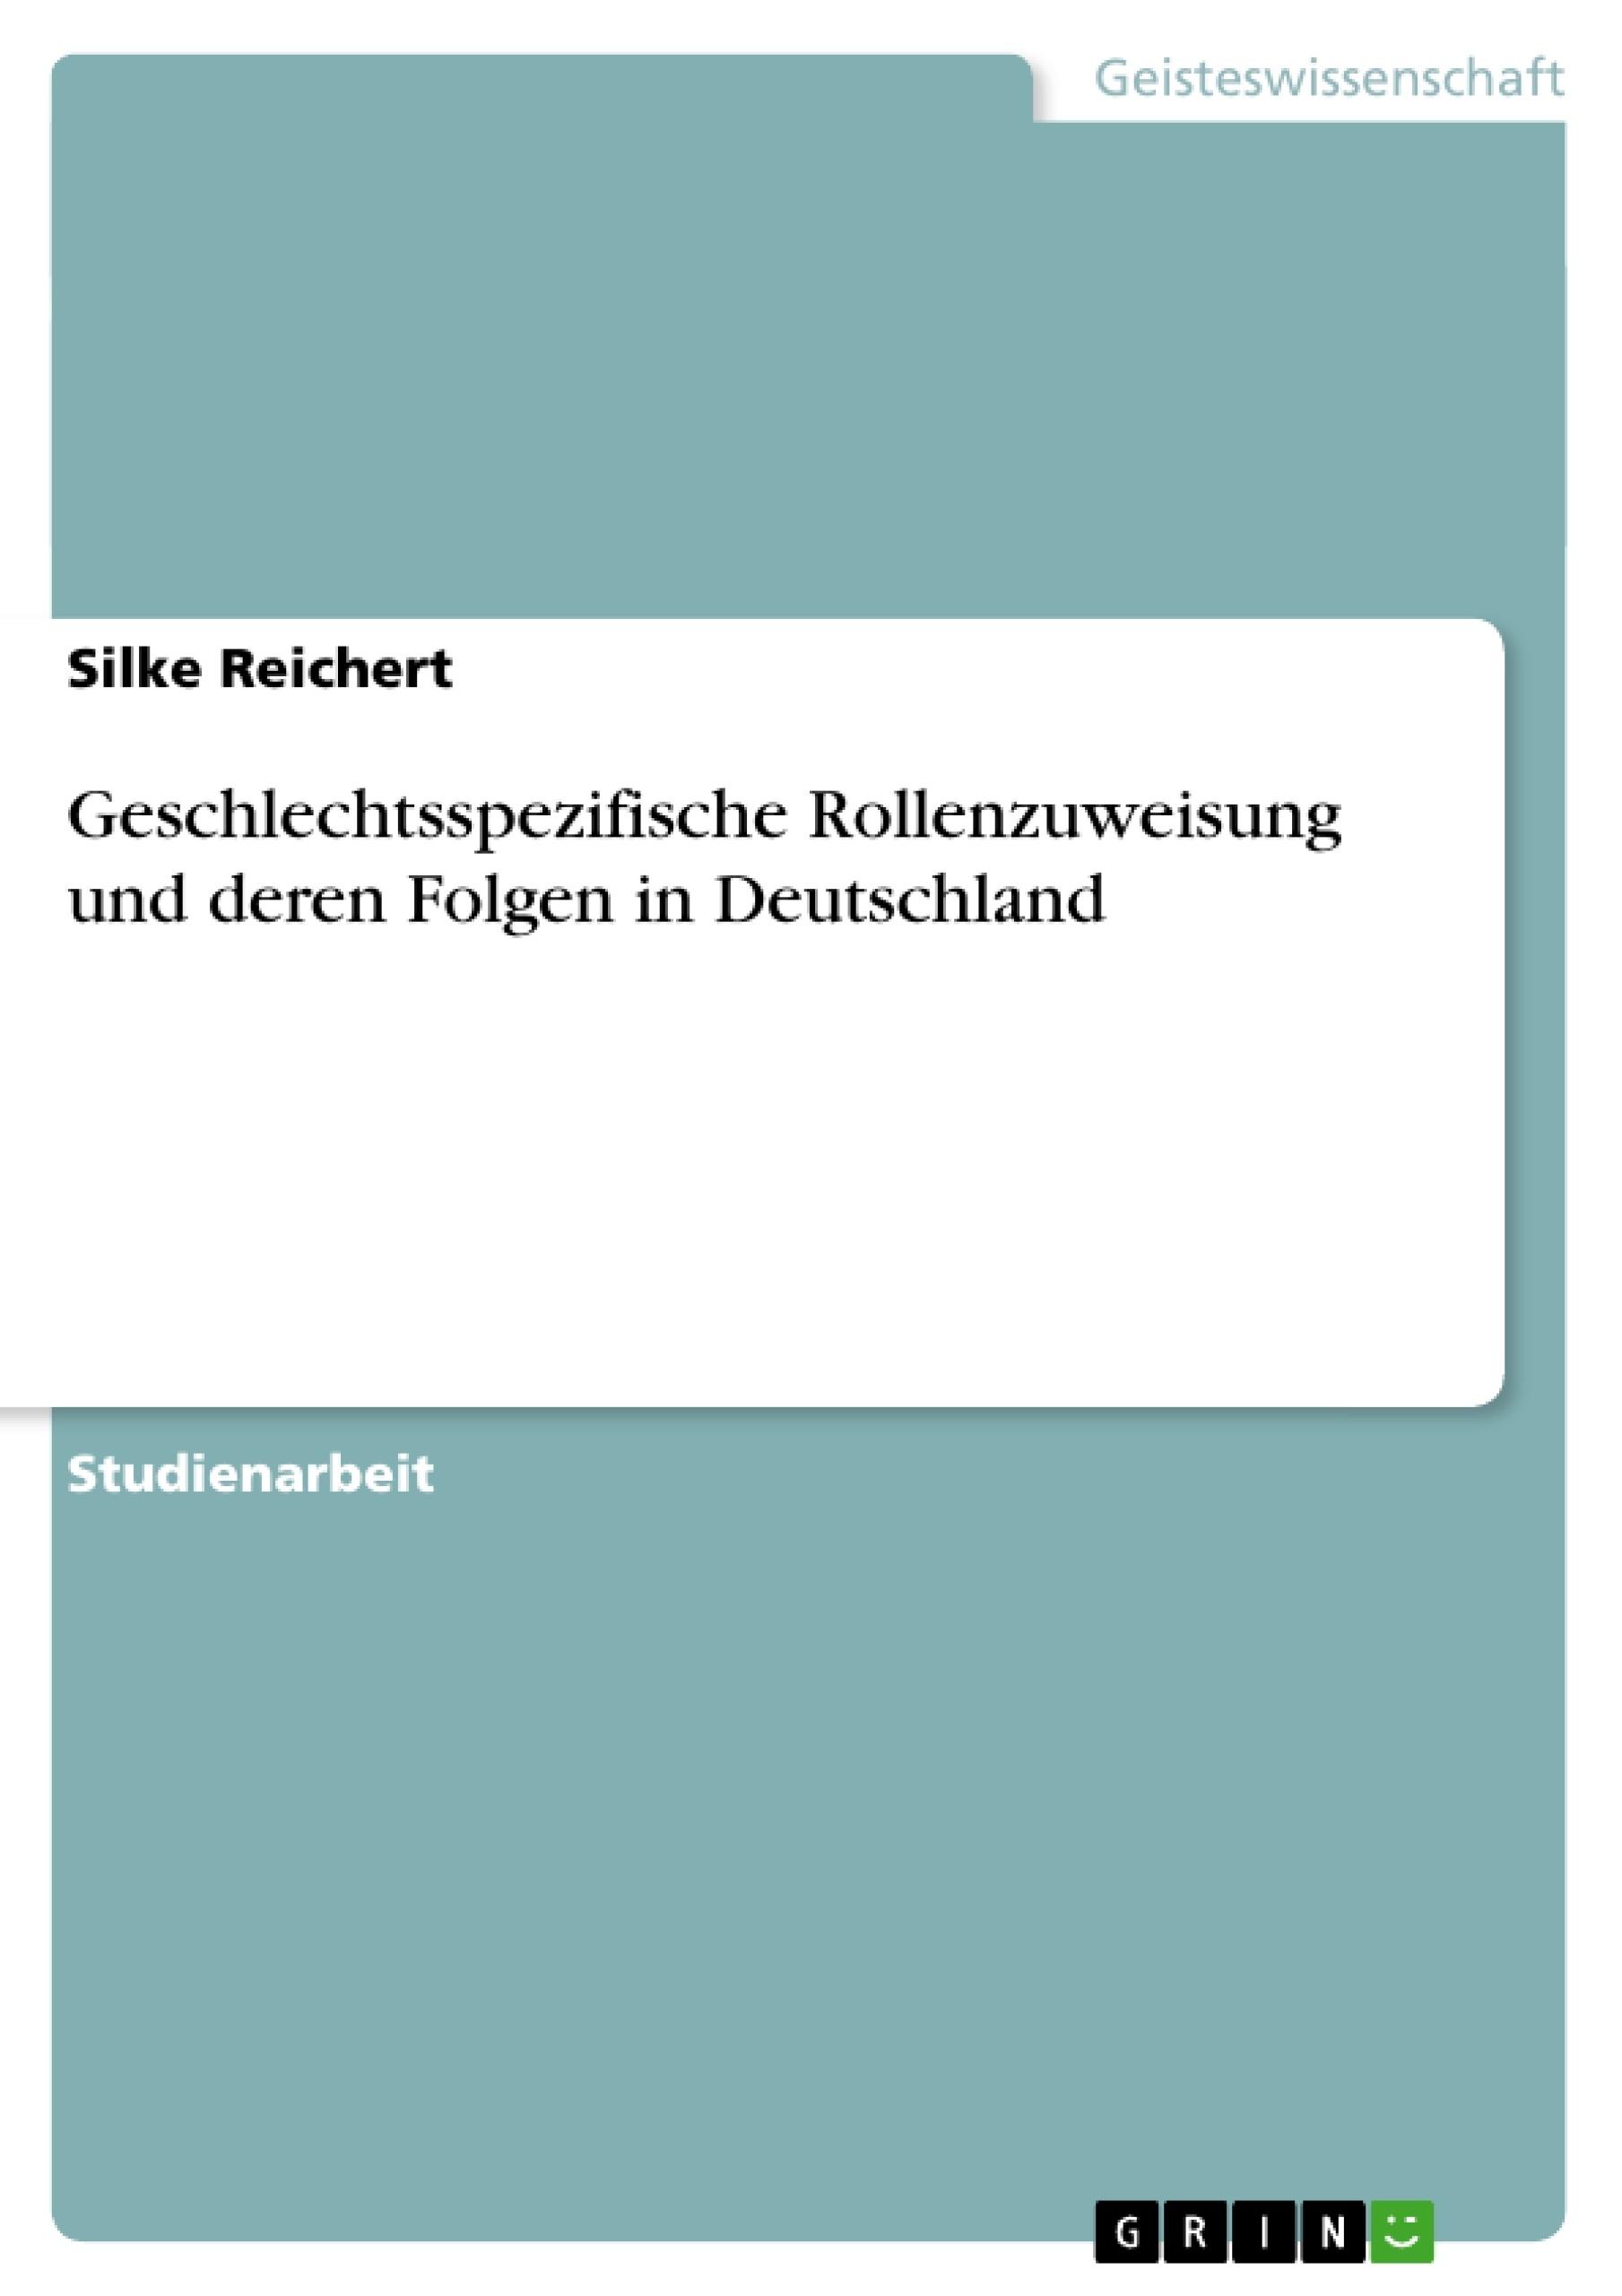 Titel: Geschlechtsspezifische Rollenzuweisung und deren Folgen in Deutschland